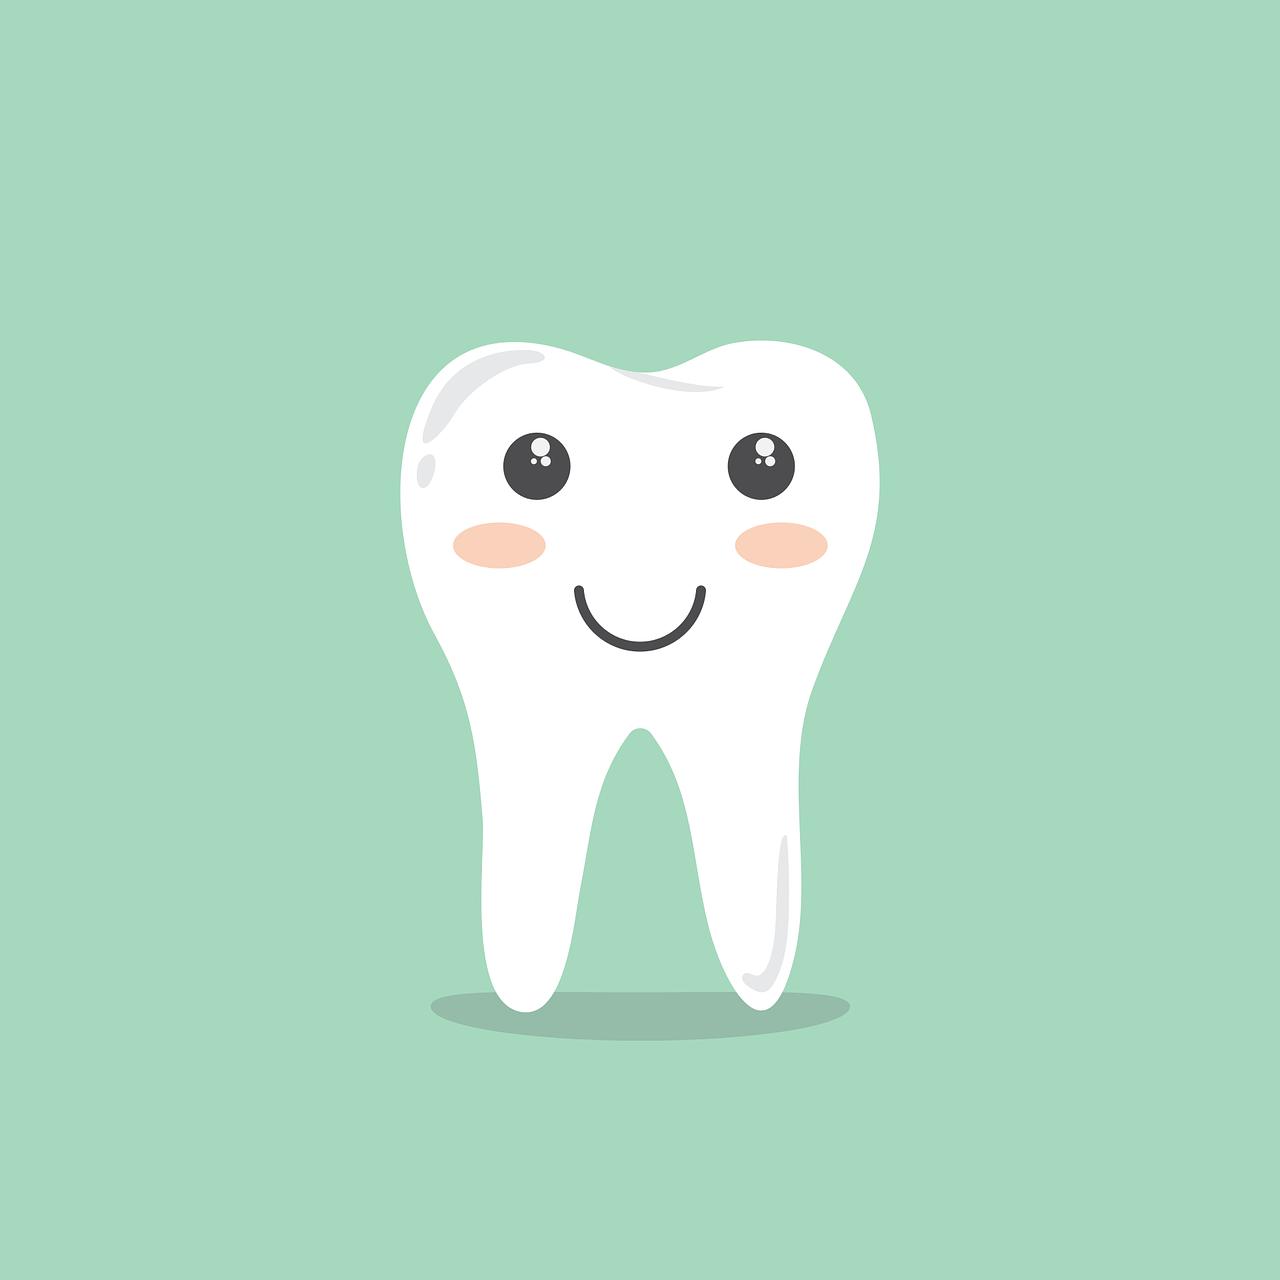 Conoce las características de las carillas dentales